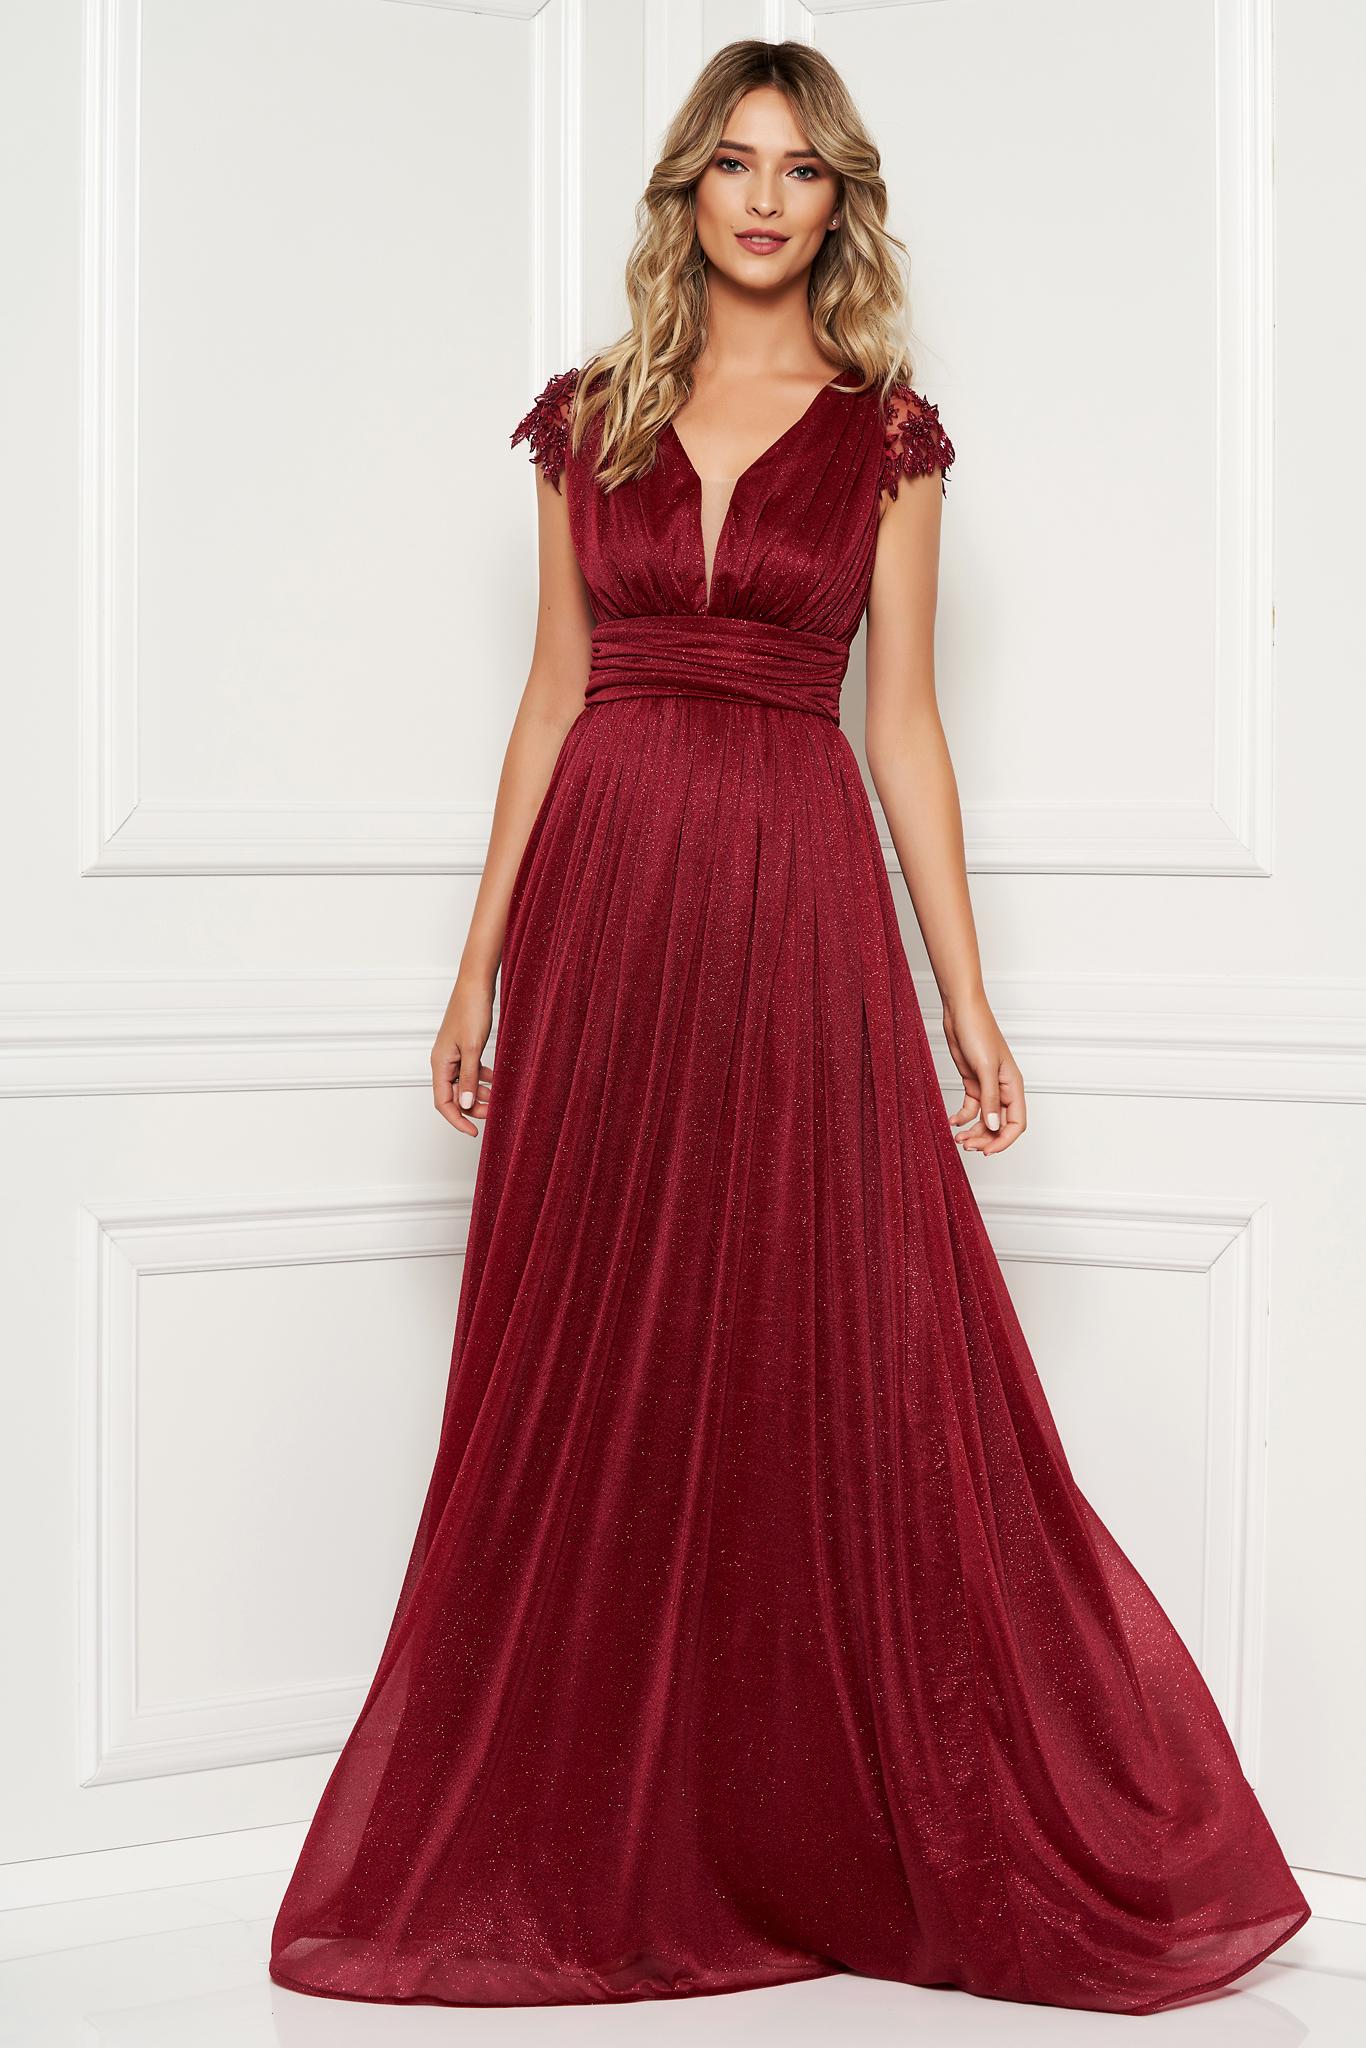 a97f6849db Burgundy alkalmi hosszú harang ruha csipke ujjal fényes anyagból